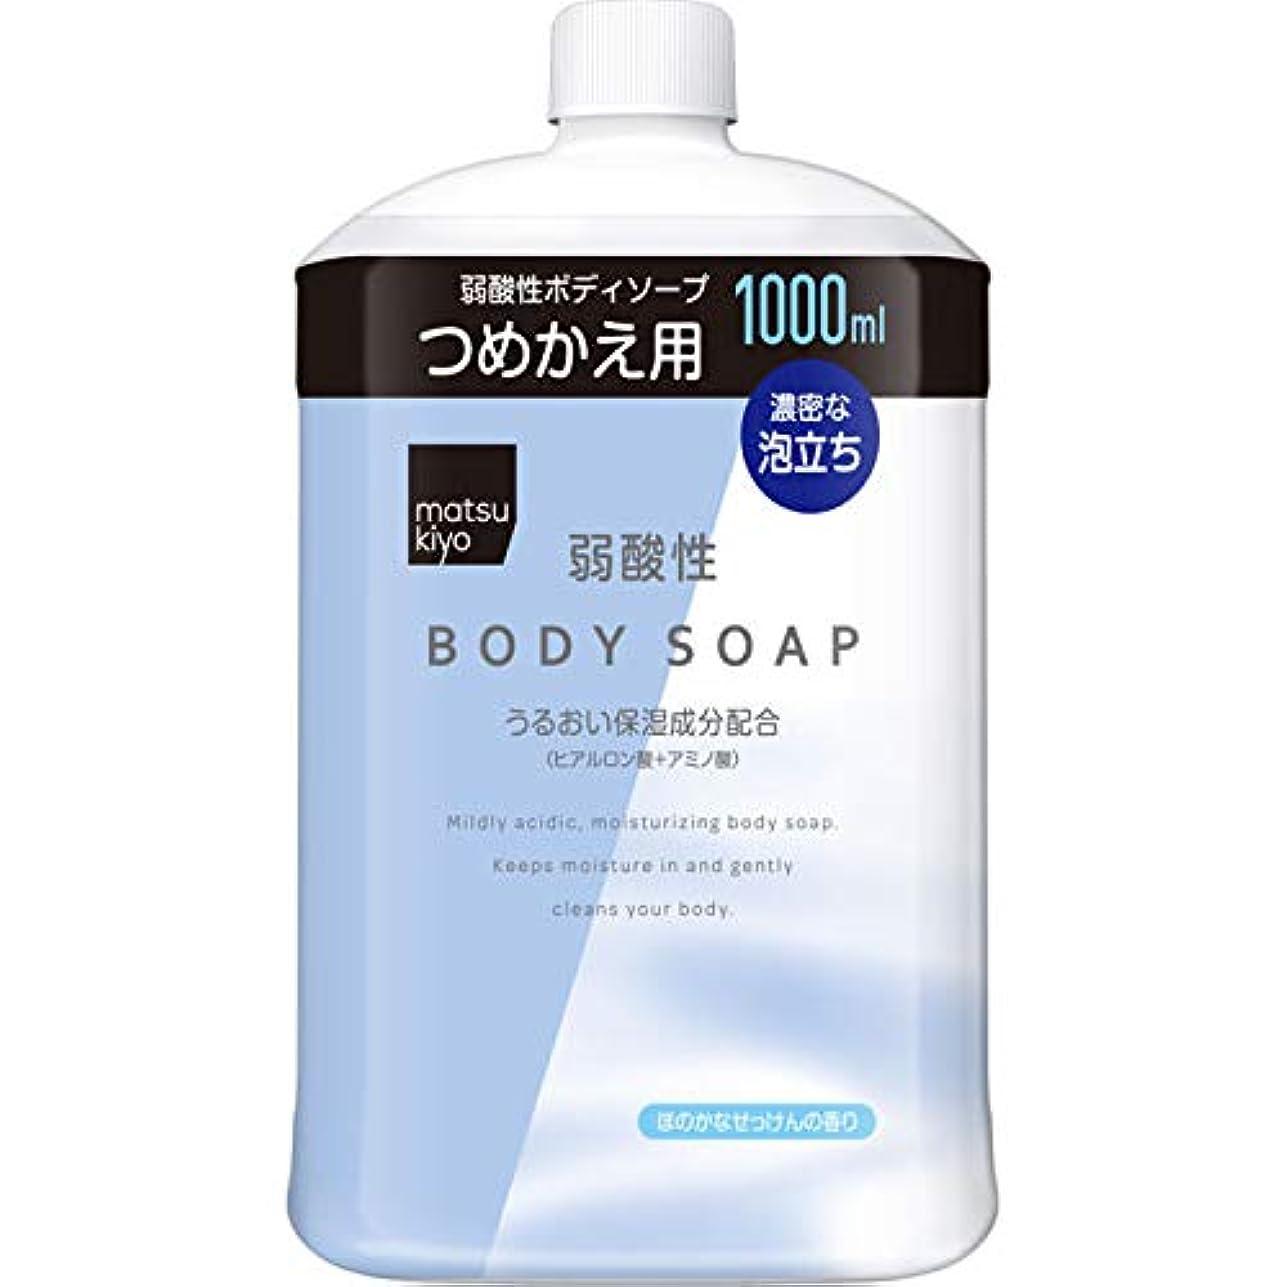 グロー章浪費matsukiyo 弱酸性ボディソープ 1000ml詰替ボトル